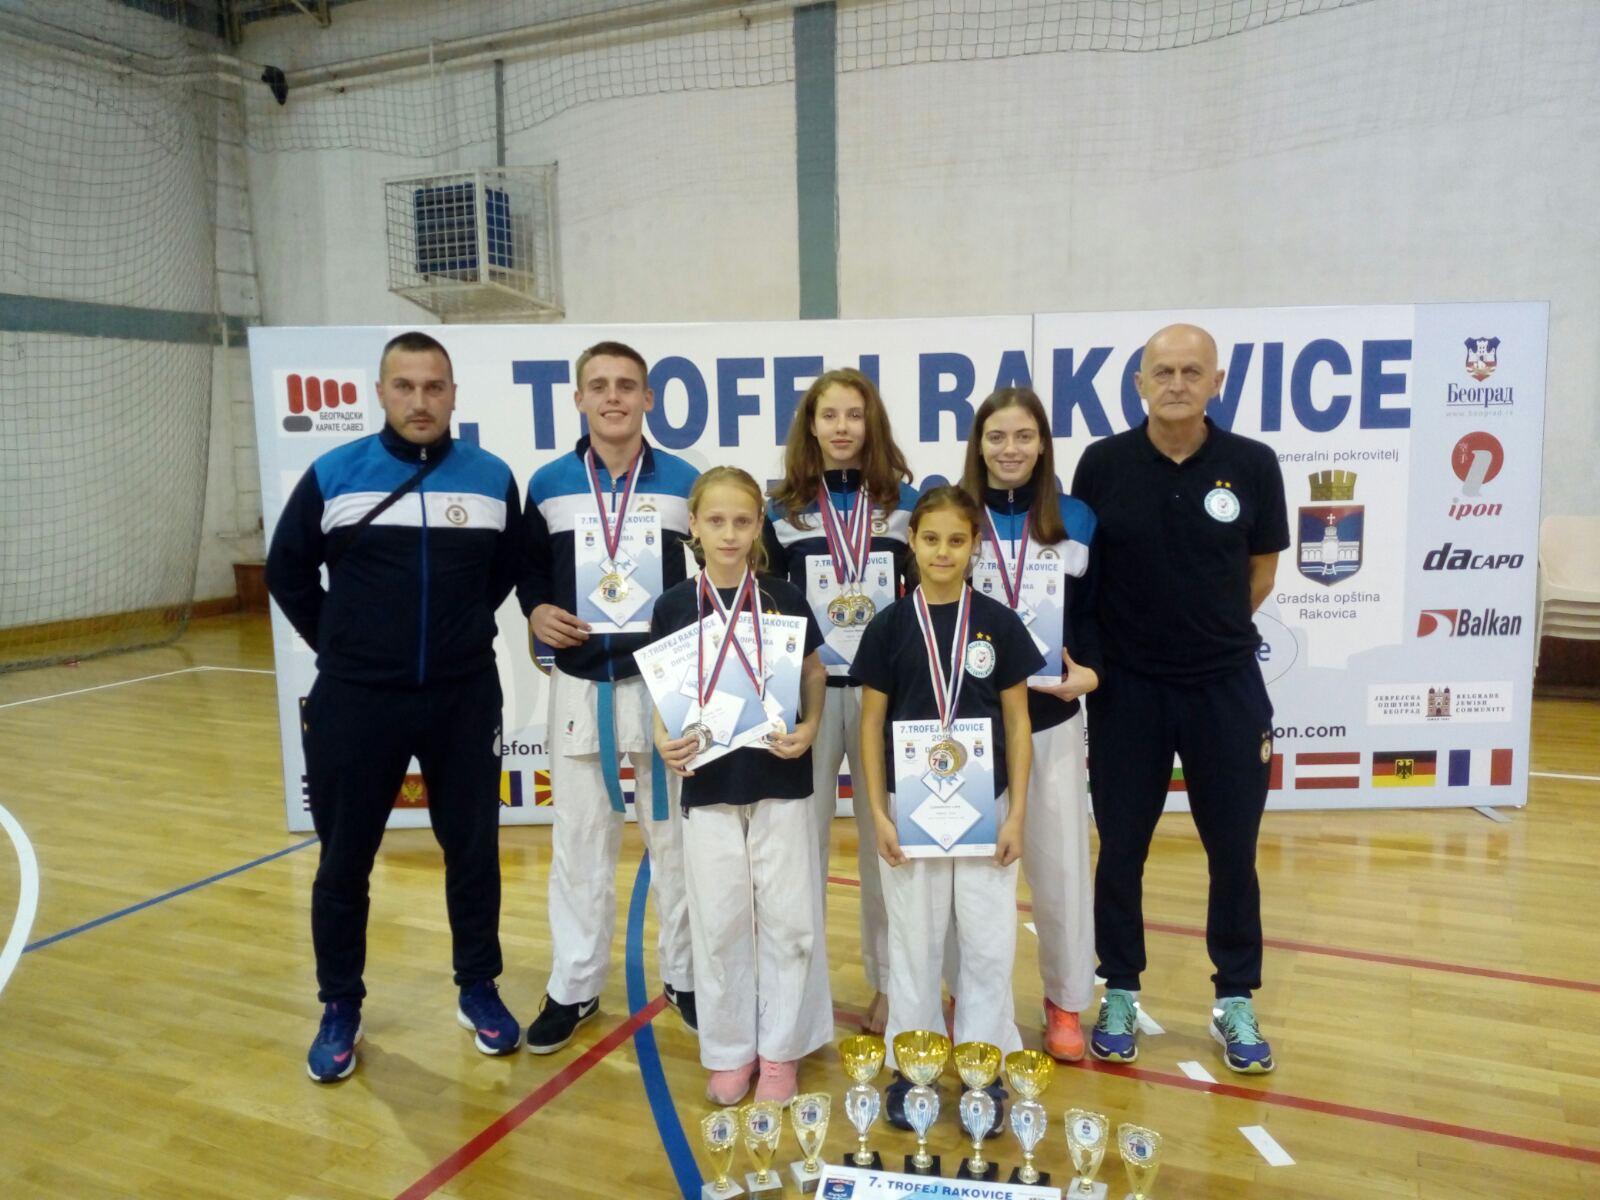 Osvajači zlatnih medalja